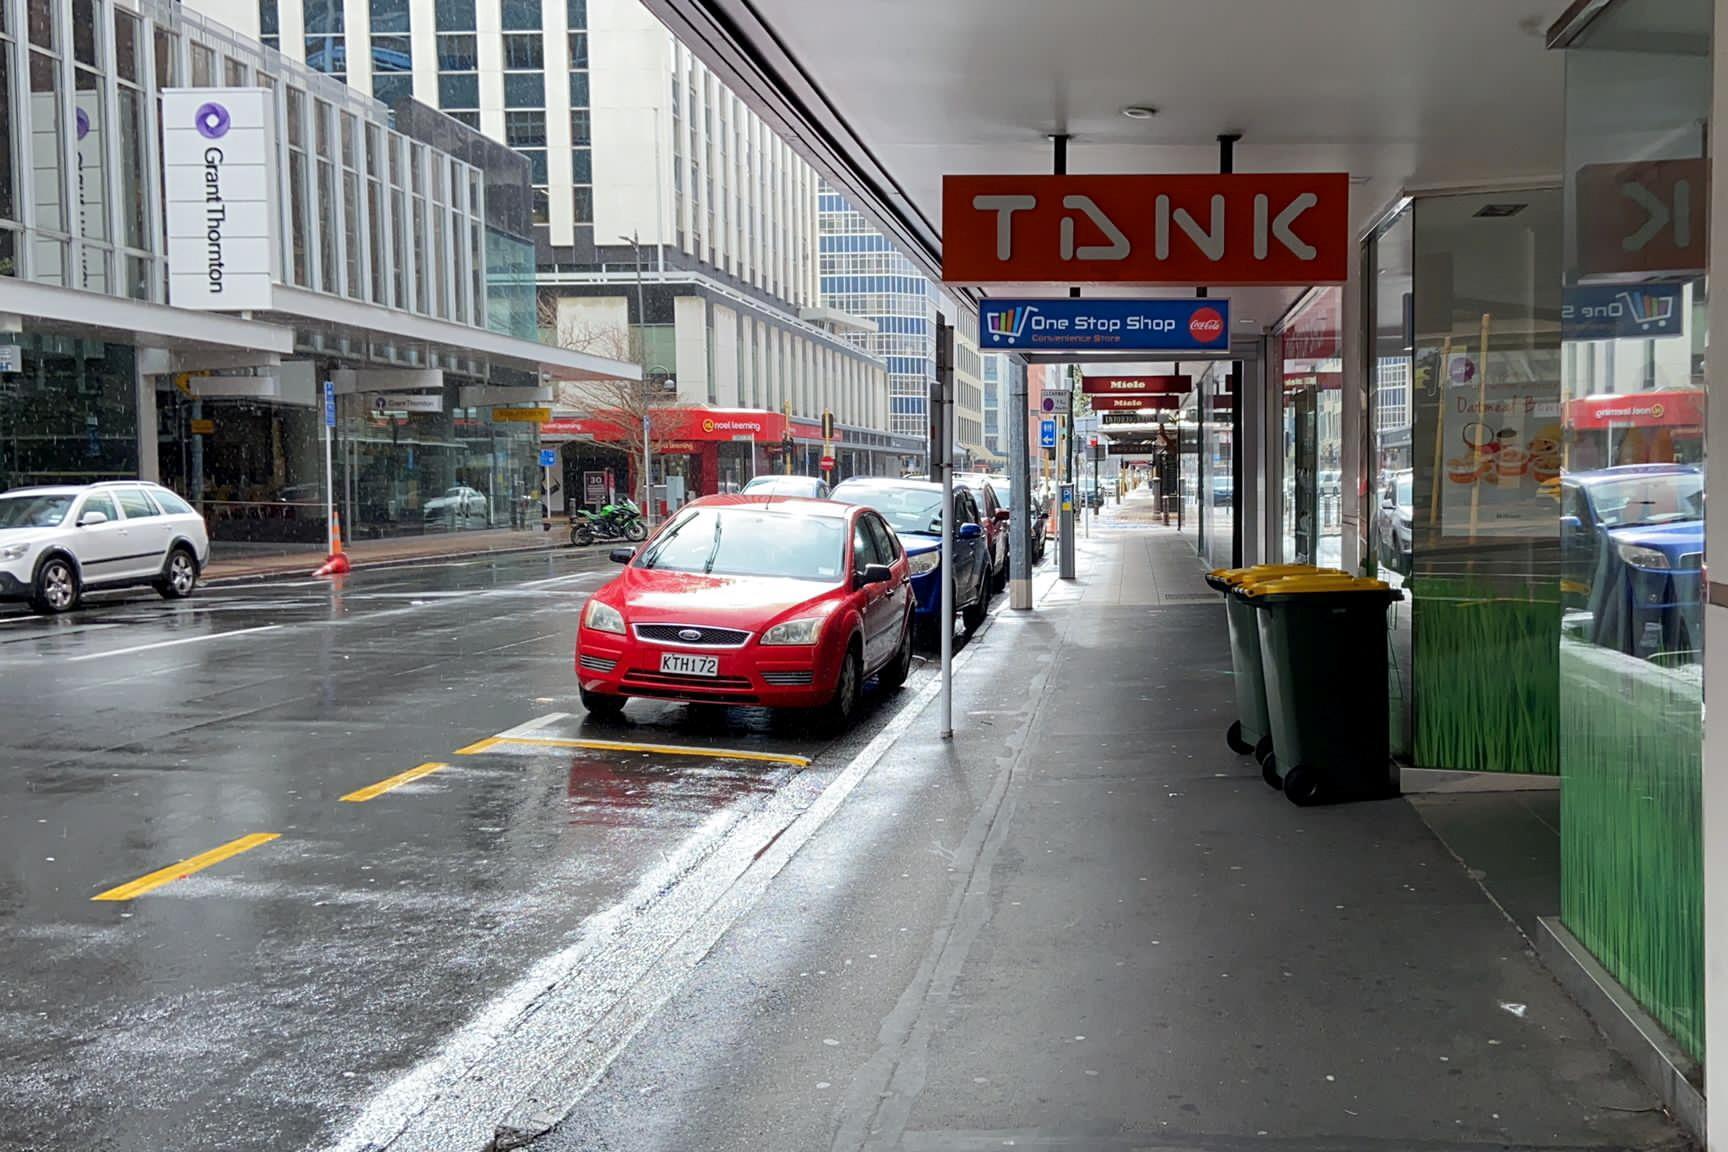 Phố Lambton Quay, thủ đô Wellington của New Zealand vắng bóng người ngay trong ngày phong tỏa đầu tiên 18/8 sau khi phát hiện ca nhiễm nCoV. Ảnh: Reuters.